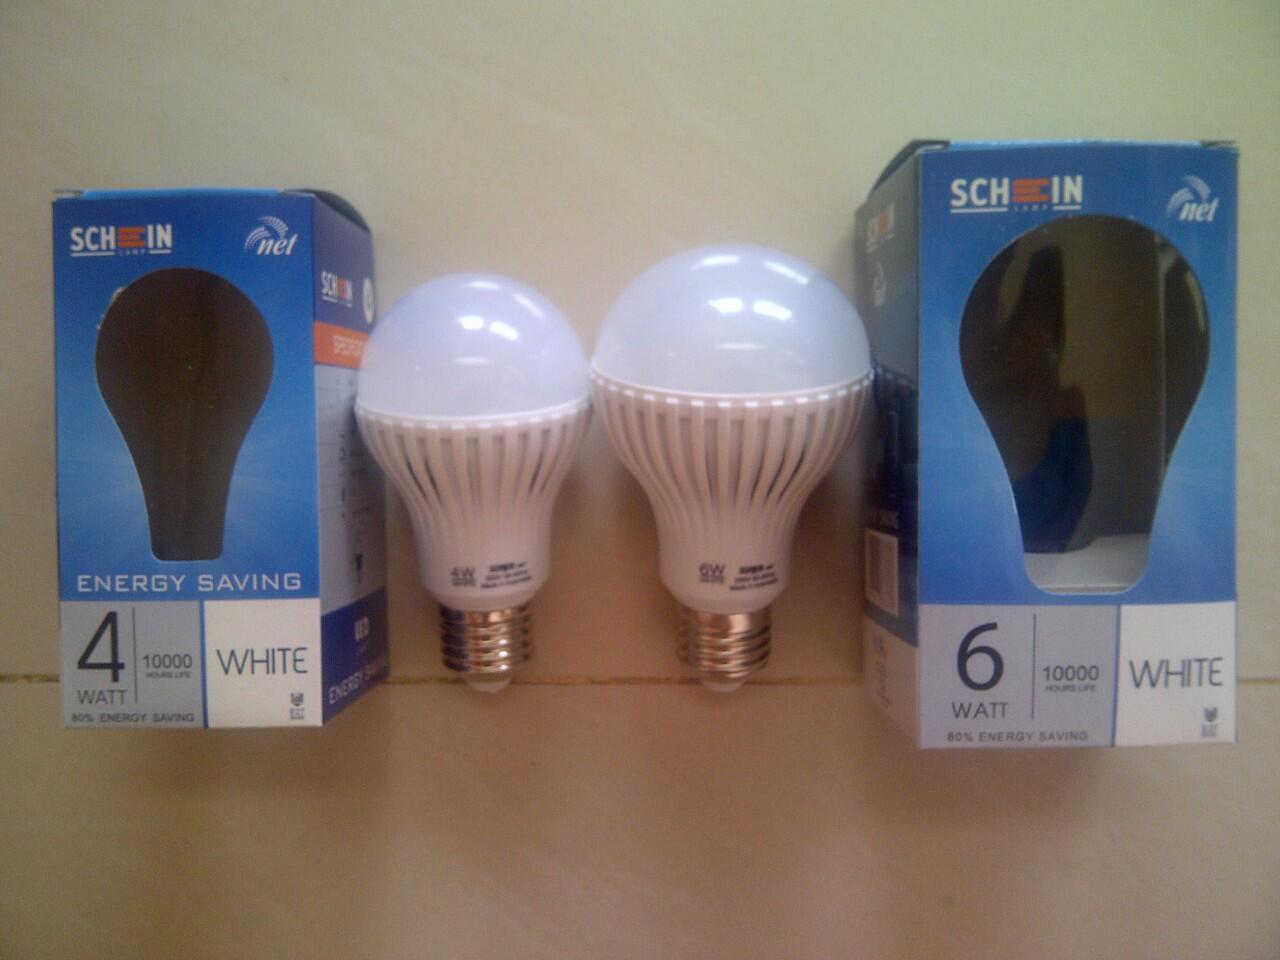 Lampu LED merk SCHEIN NET LED 4 W dan 6 W